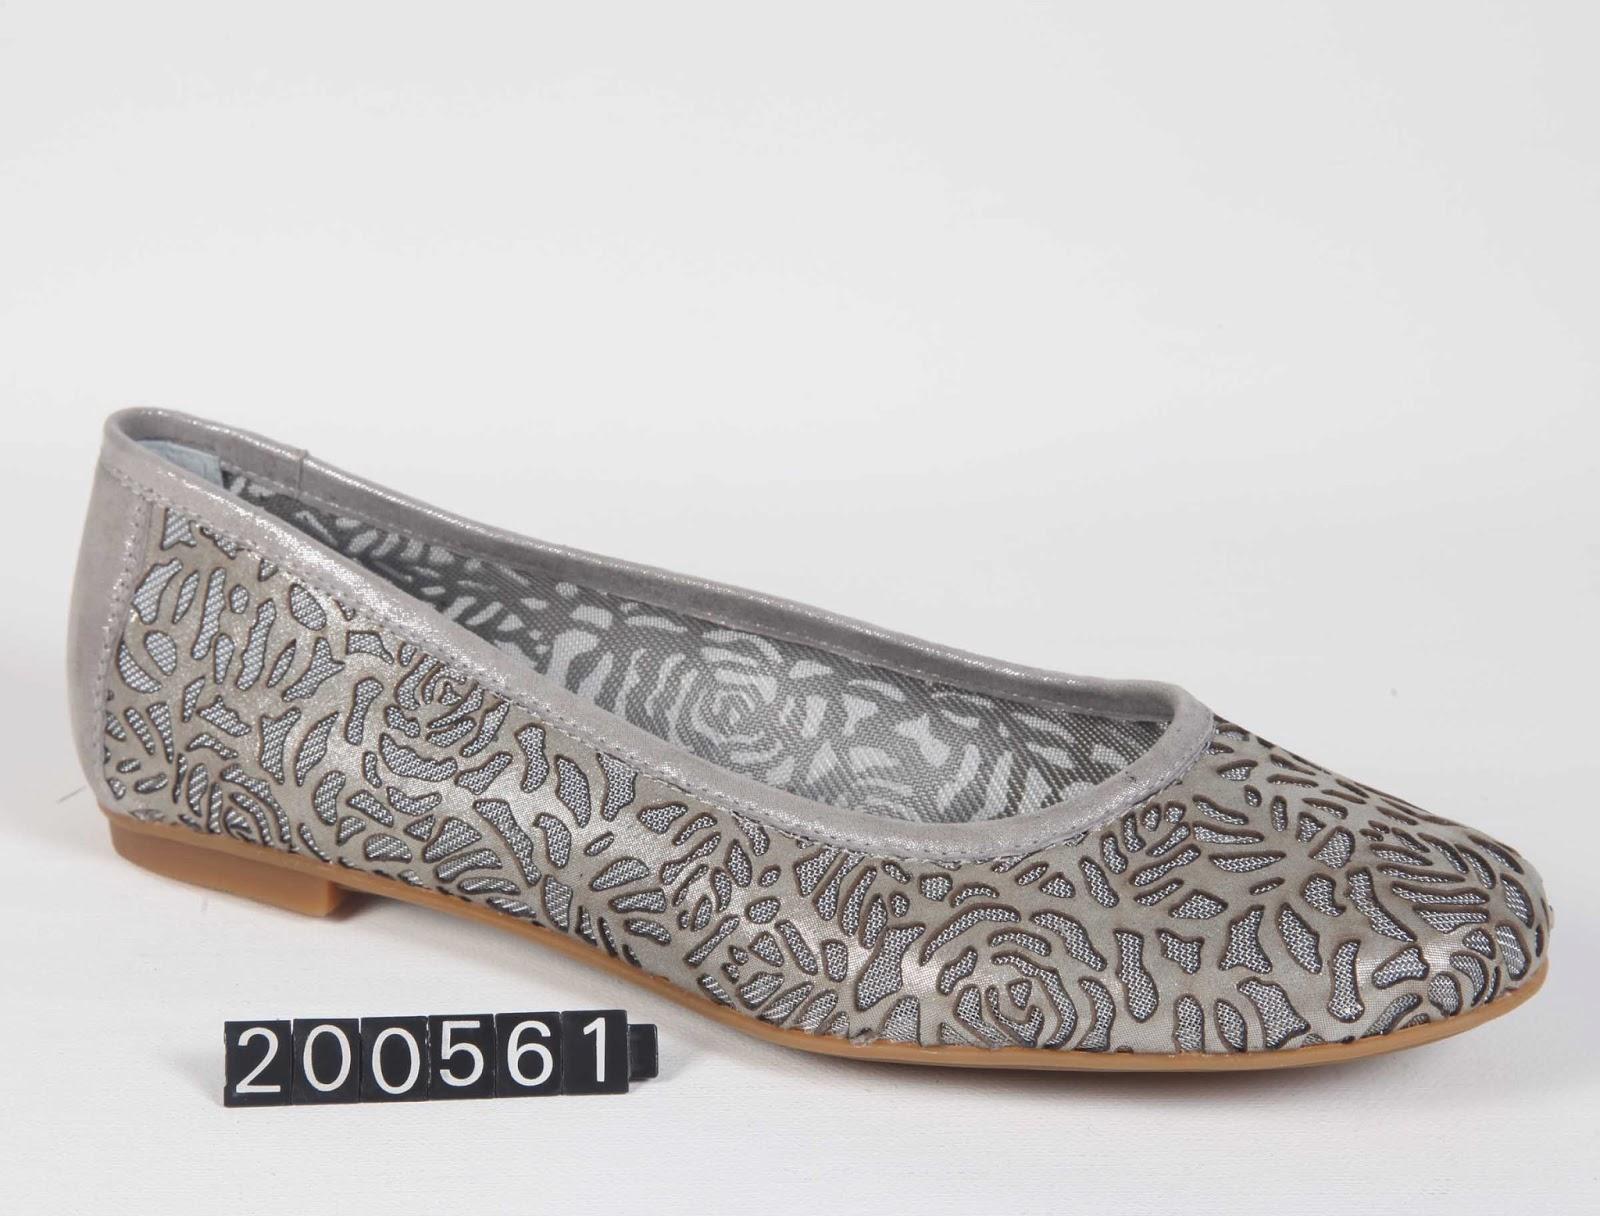 Coaching De Tallas Liquidación Mujer Stock Zapatos Y Hombre Grandes rr76Oq